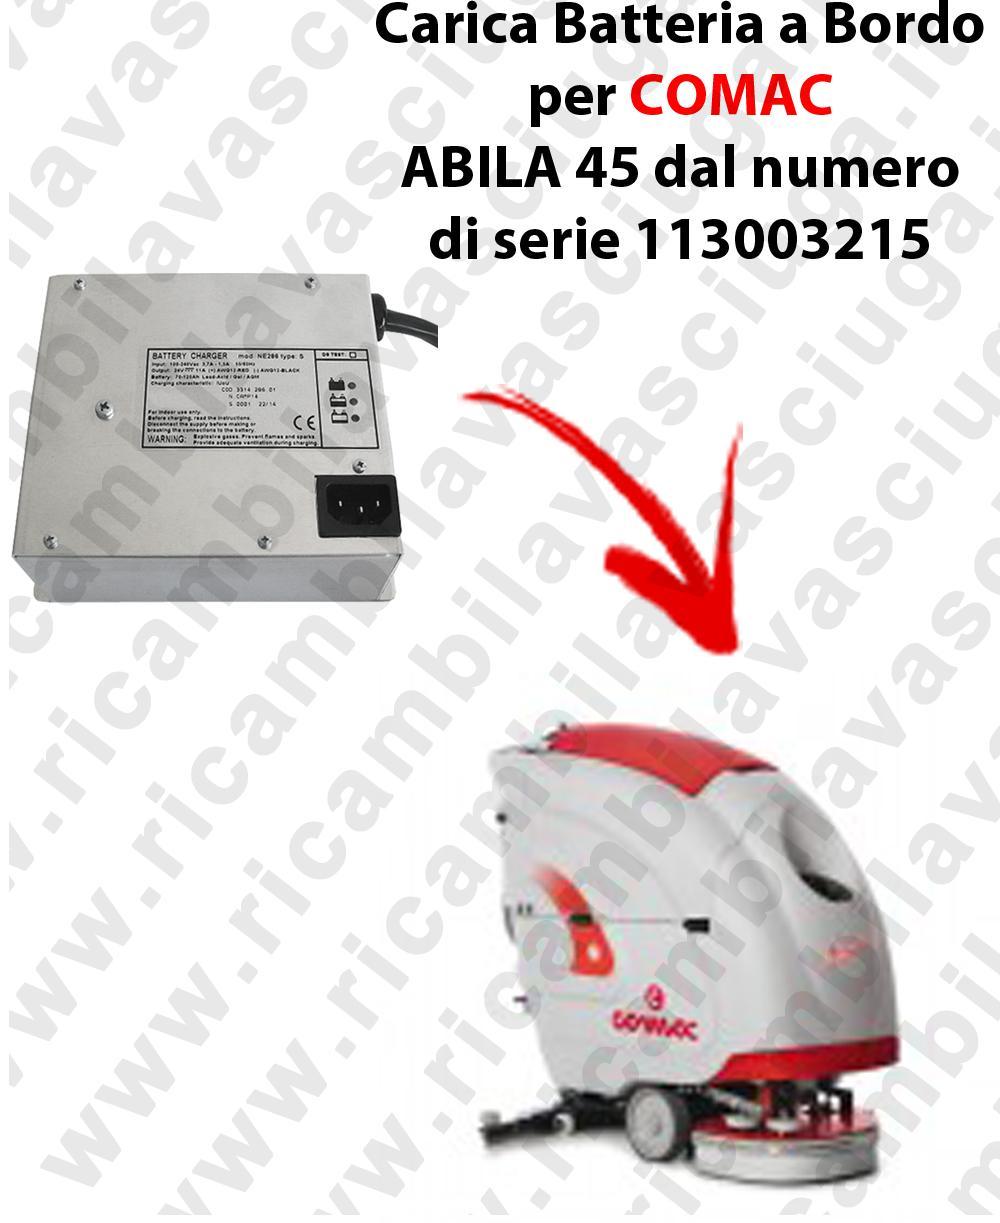 Caricabatteria a Bordo per lavapavimenti COMAC ABILA 45 dal 113003215